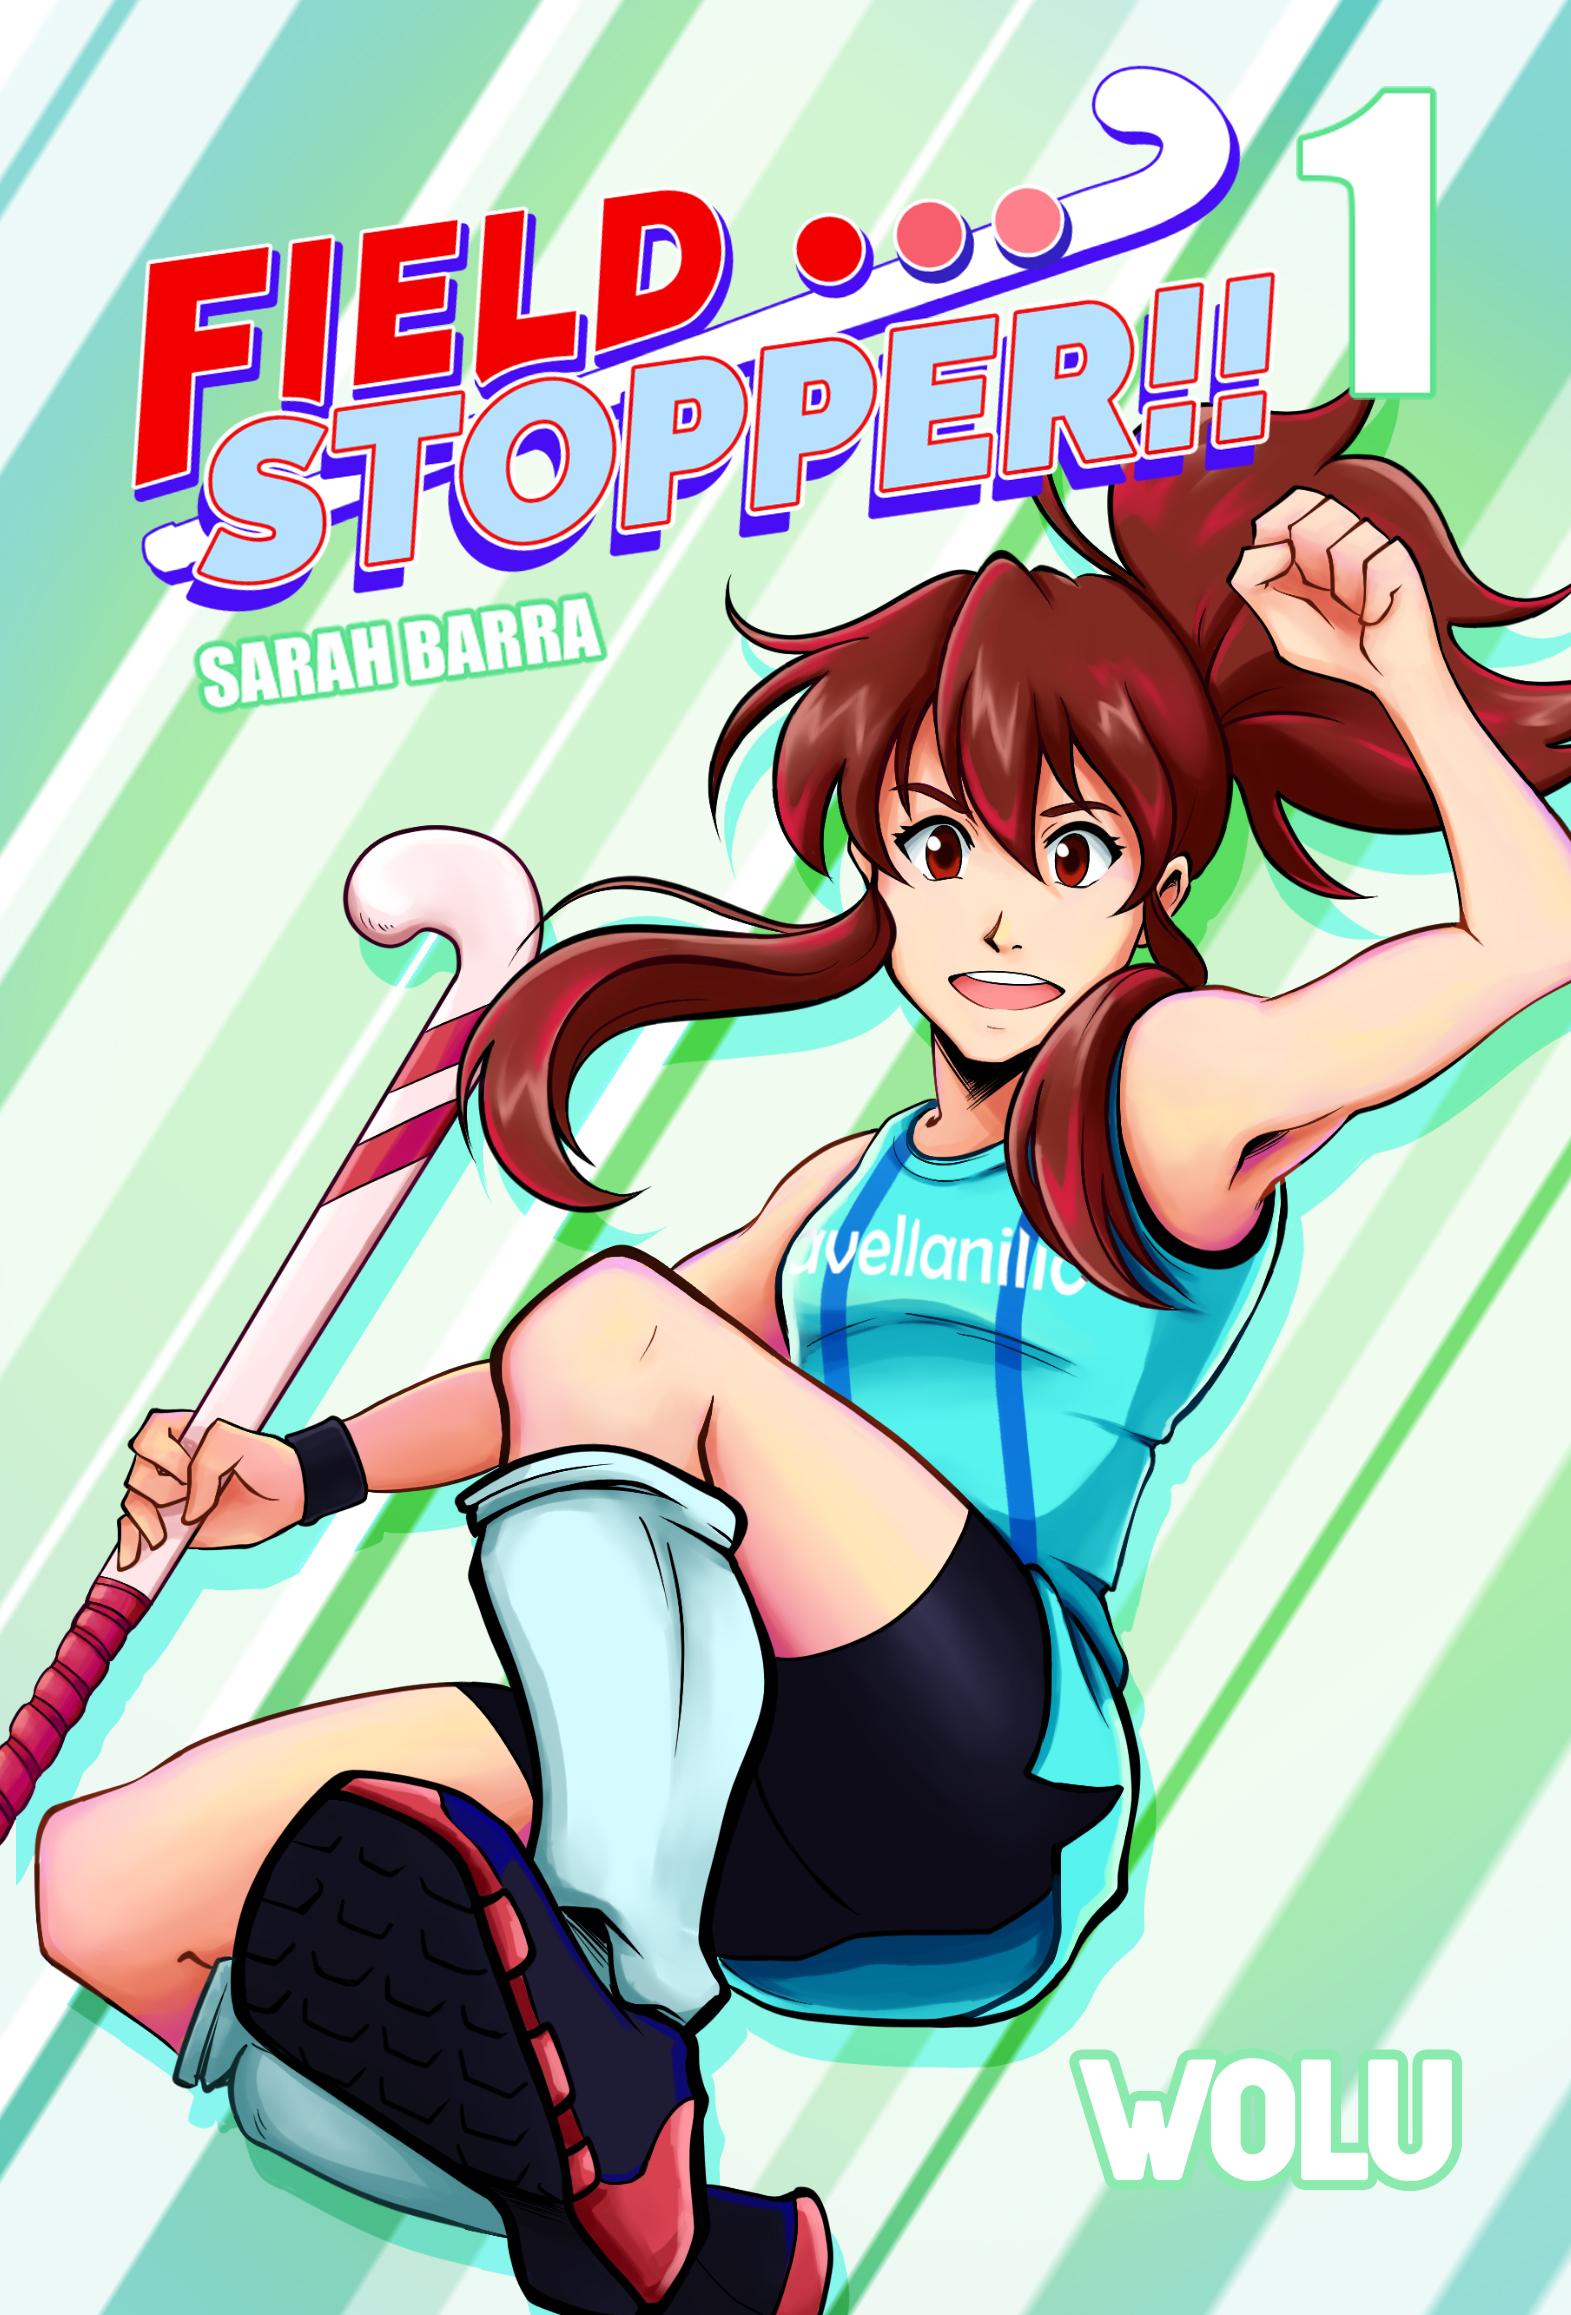 FIELD STOPPER!! #1